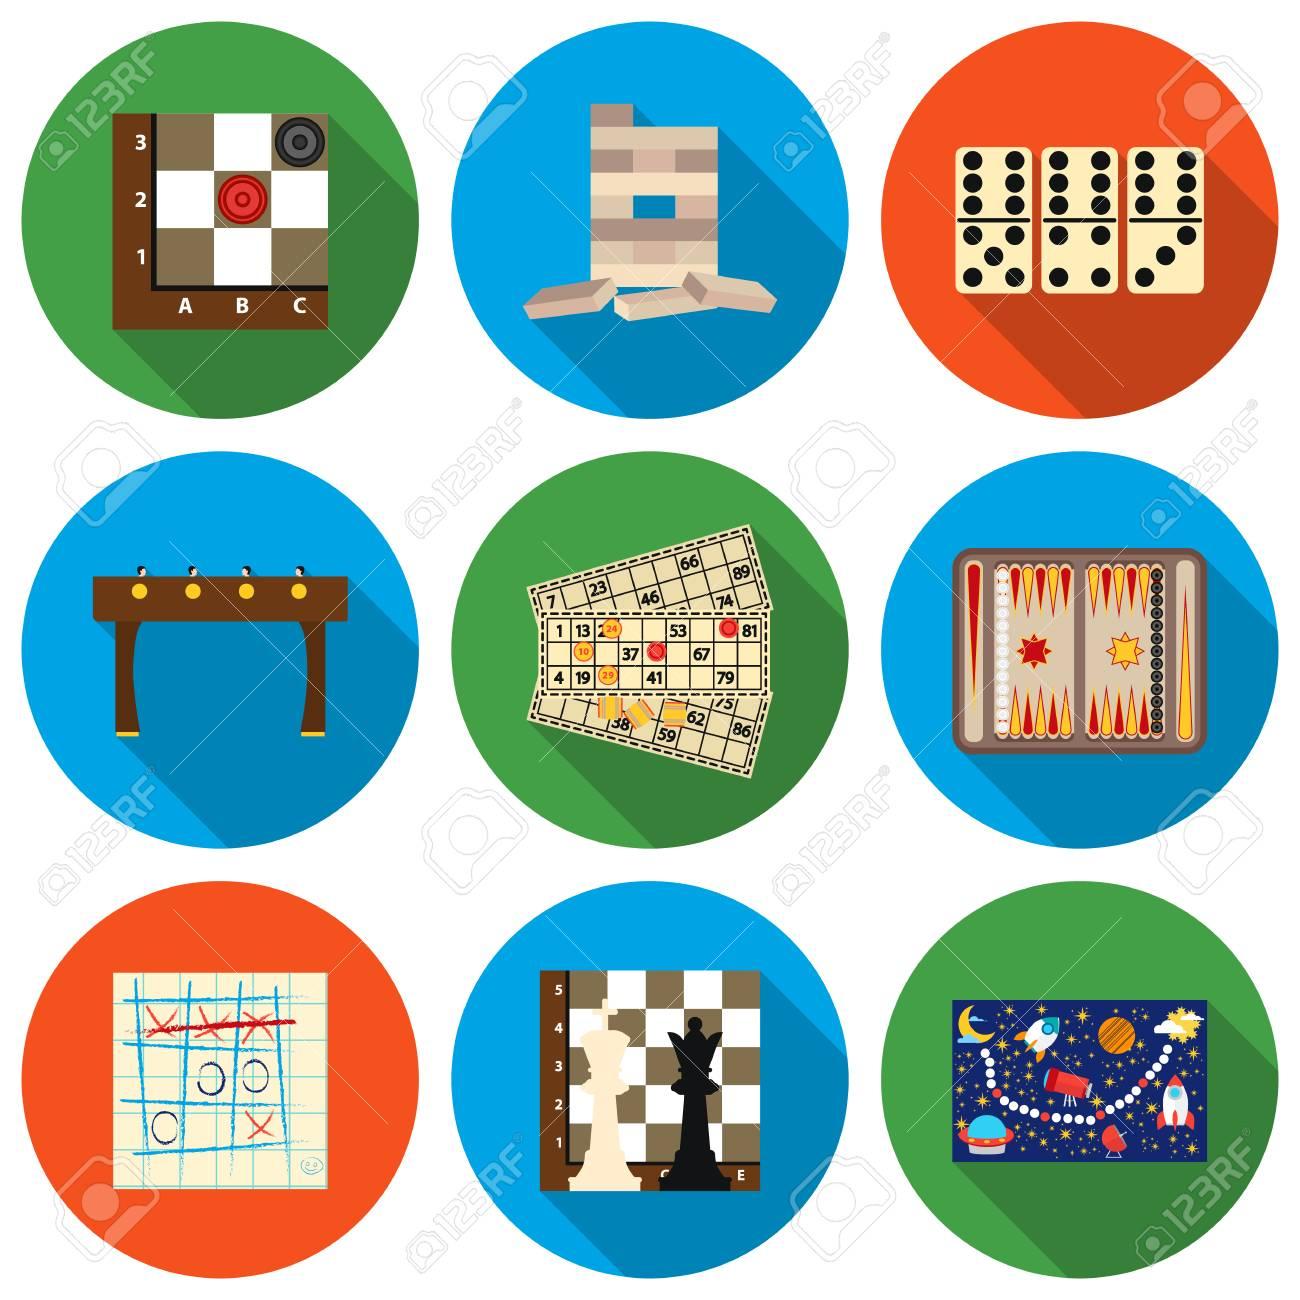 Los Juegos De Mesa Iconos Conjunto En Estilo Plano Grandes Juegos